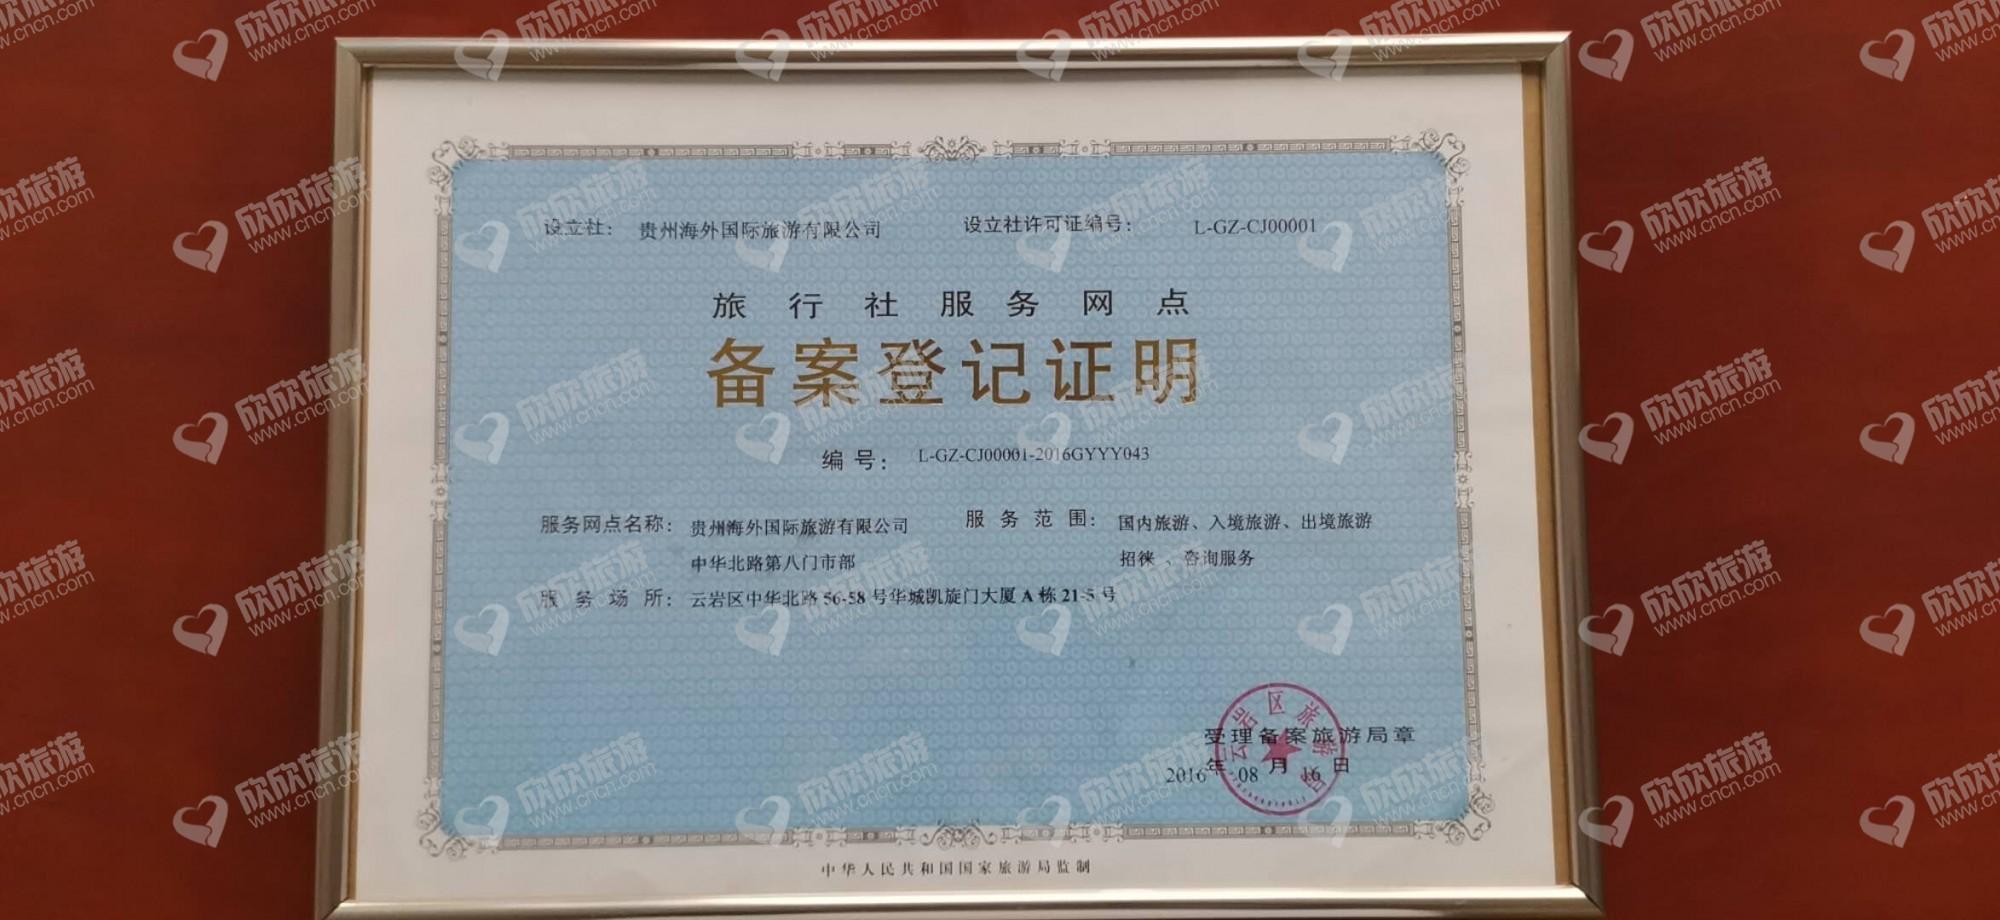 贵州海外国际旅游有限公司中华北路第八门市部经营许可证